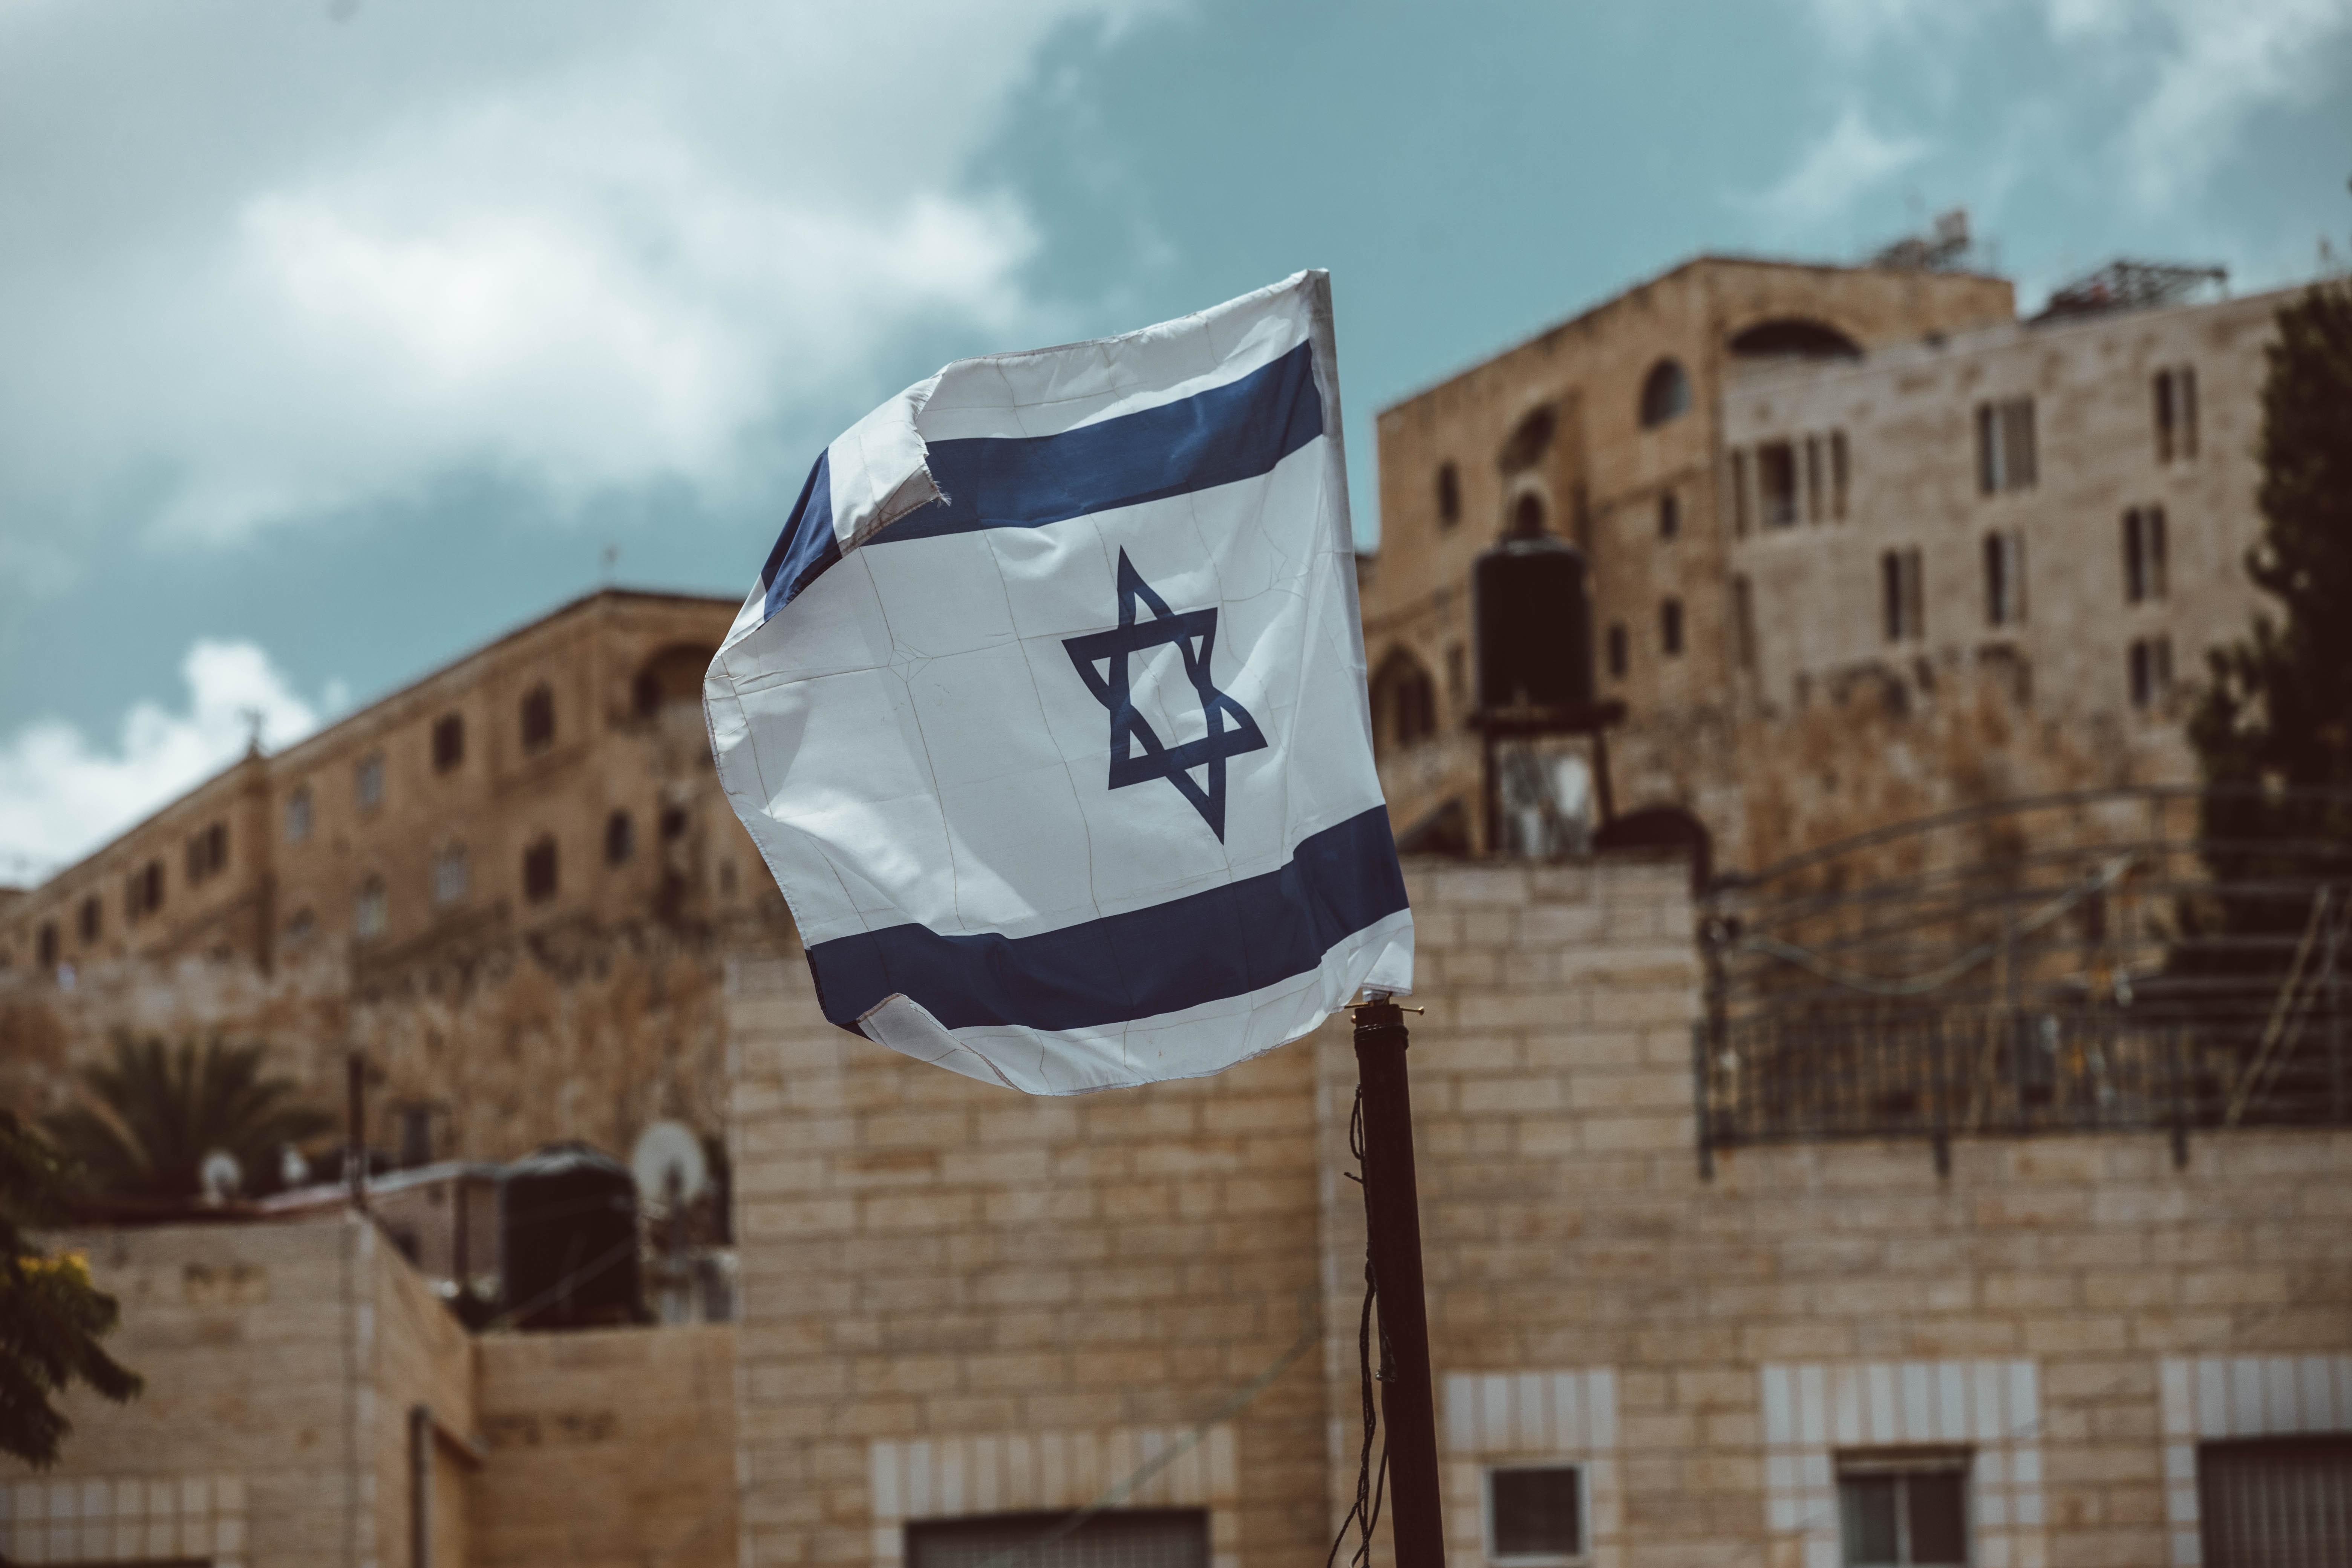 Mimo konfliktu, w Izraelu życie toczy się normalnie.